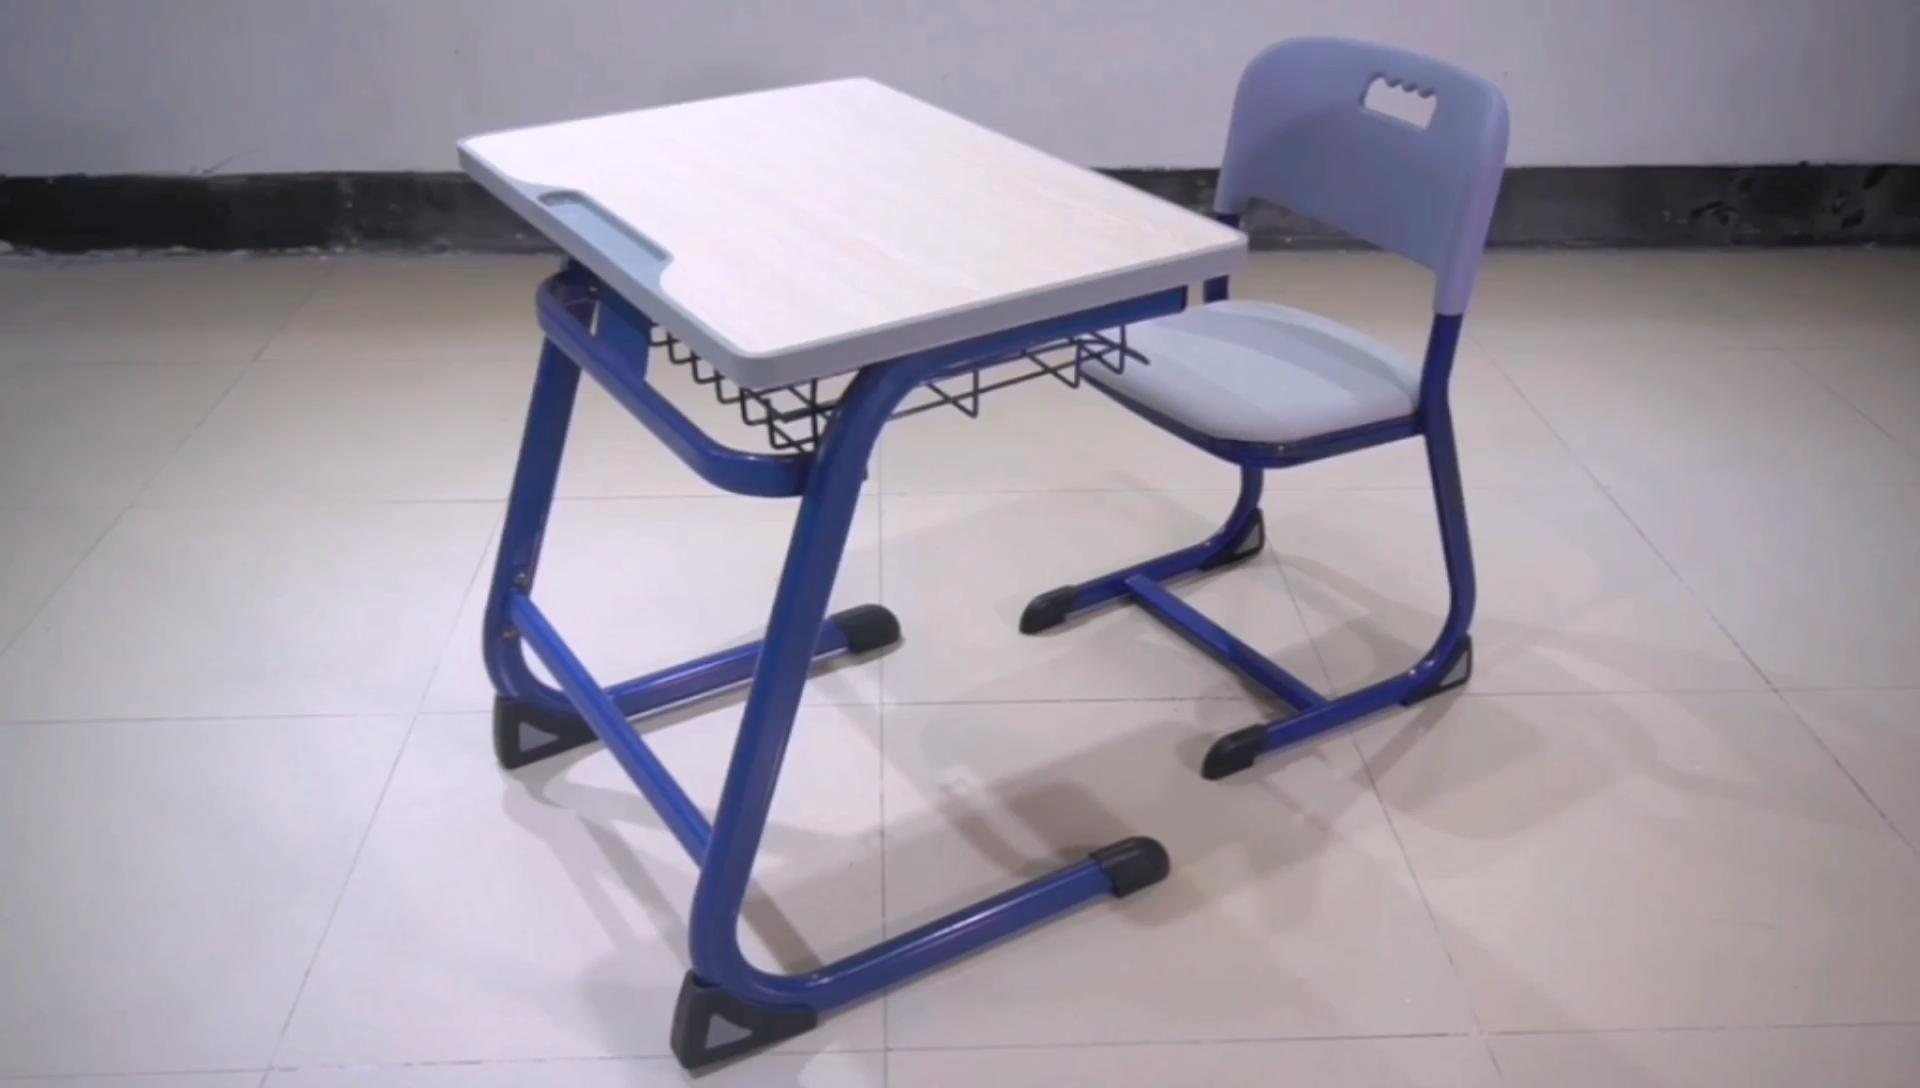 Hot Koop Aangepaste School Meubels Enkele Student Bureau Ontwerp Voor Klaslokaal Gebruikt